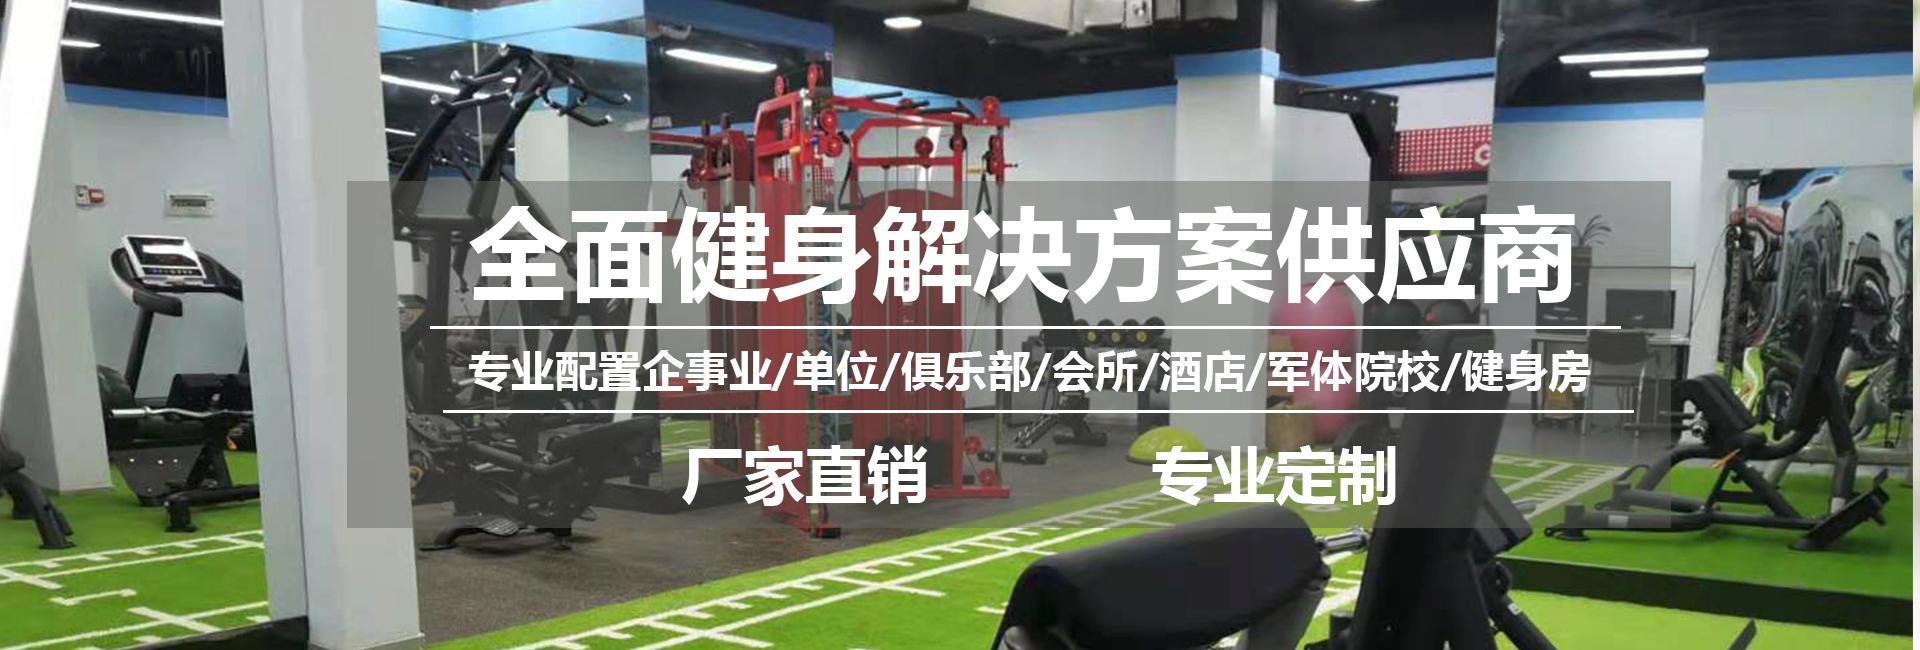 重慶健身器材定制